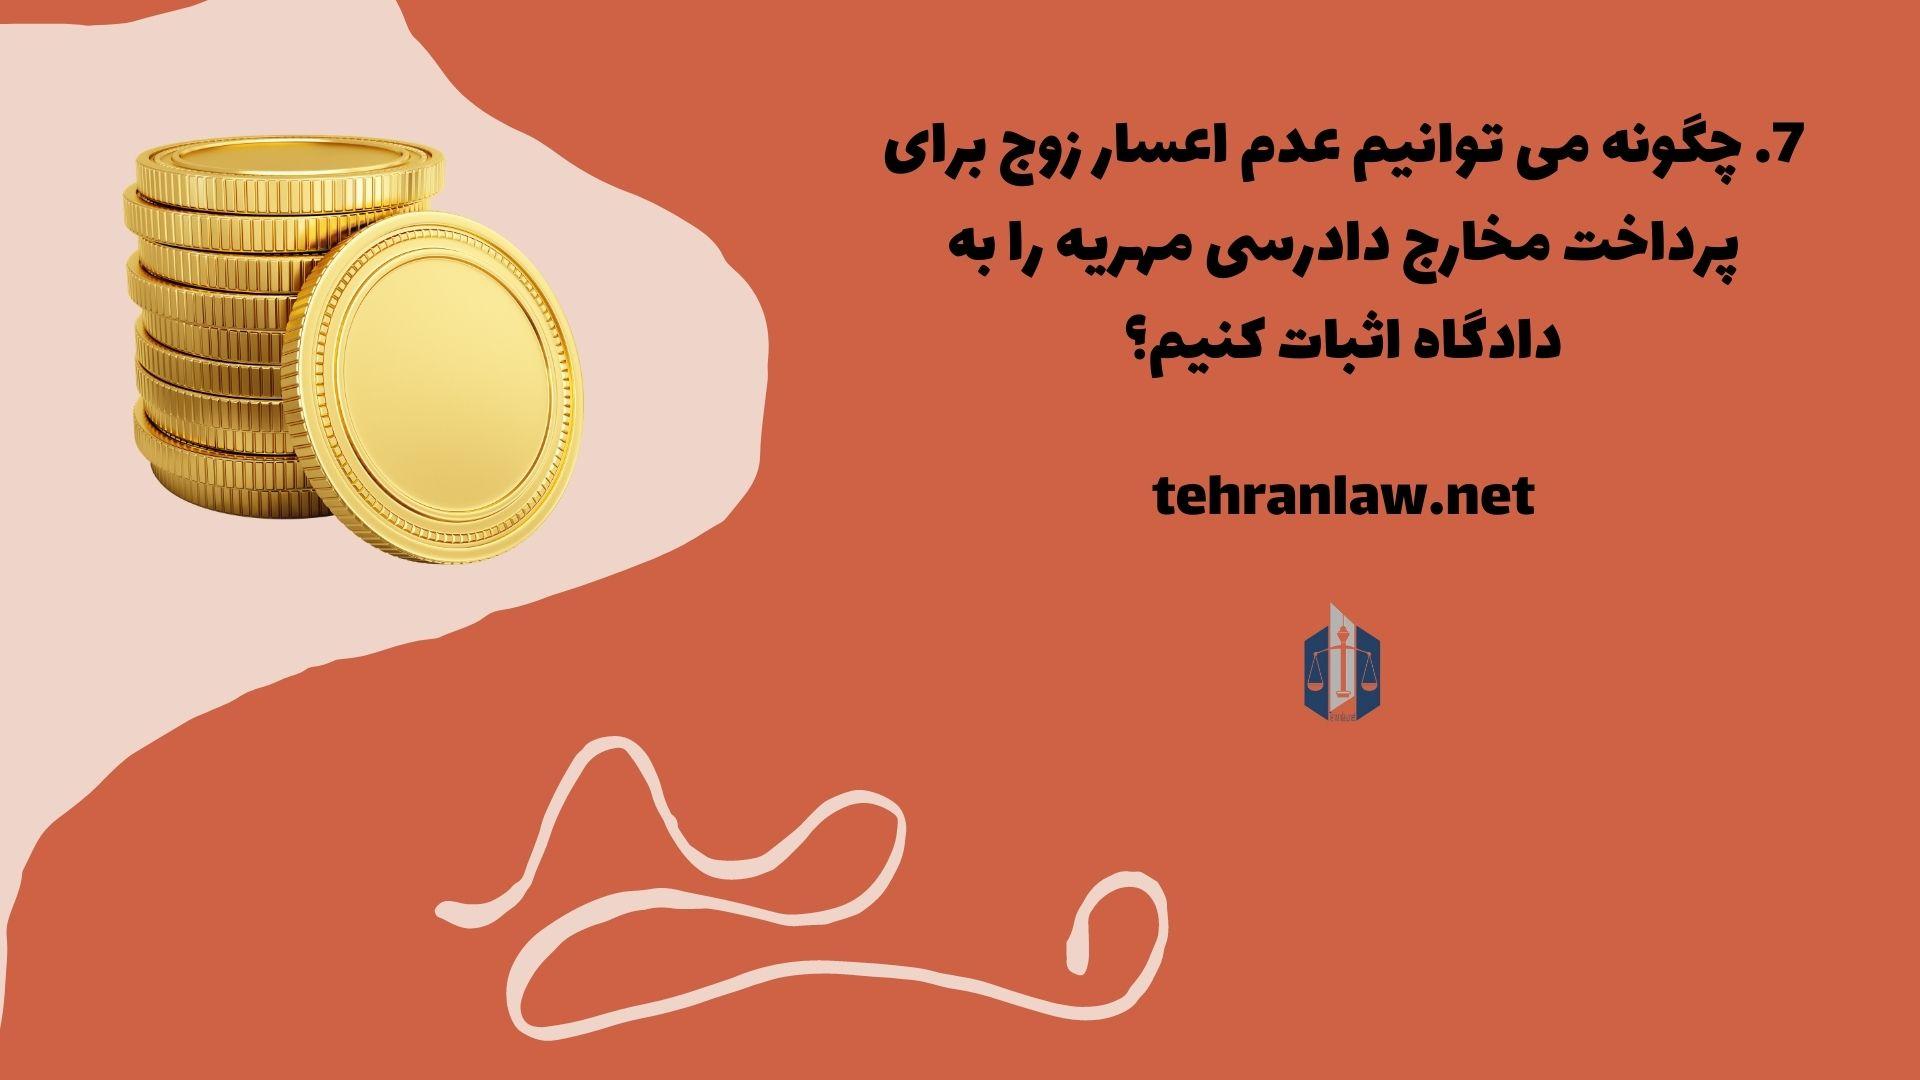 چگونه می توانیم عدم اعسار زوج برای پرداخت مخارج دادرسی مهریه را به دادگاه اثبات کنیم؟